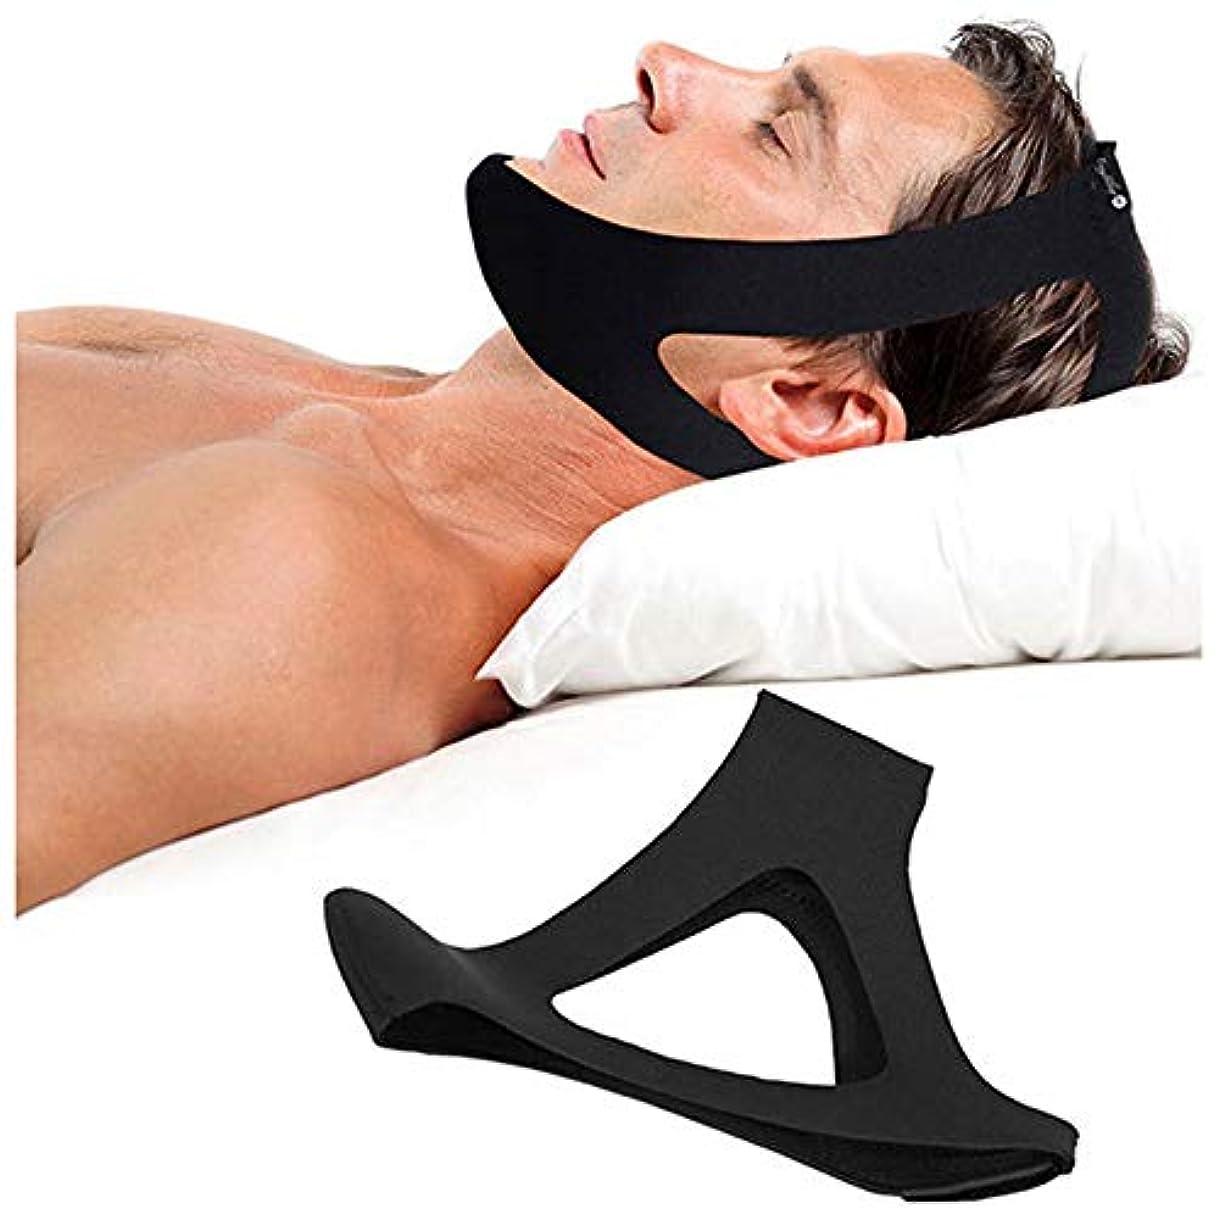 シーサイド発行するリードアンチいびきあごストラップ停止いびきいびきベルト睡眠時無呼吸あごサポートストラップ女性男性ナイト睡眠補助ツールフェイスリフトツール,A